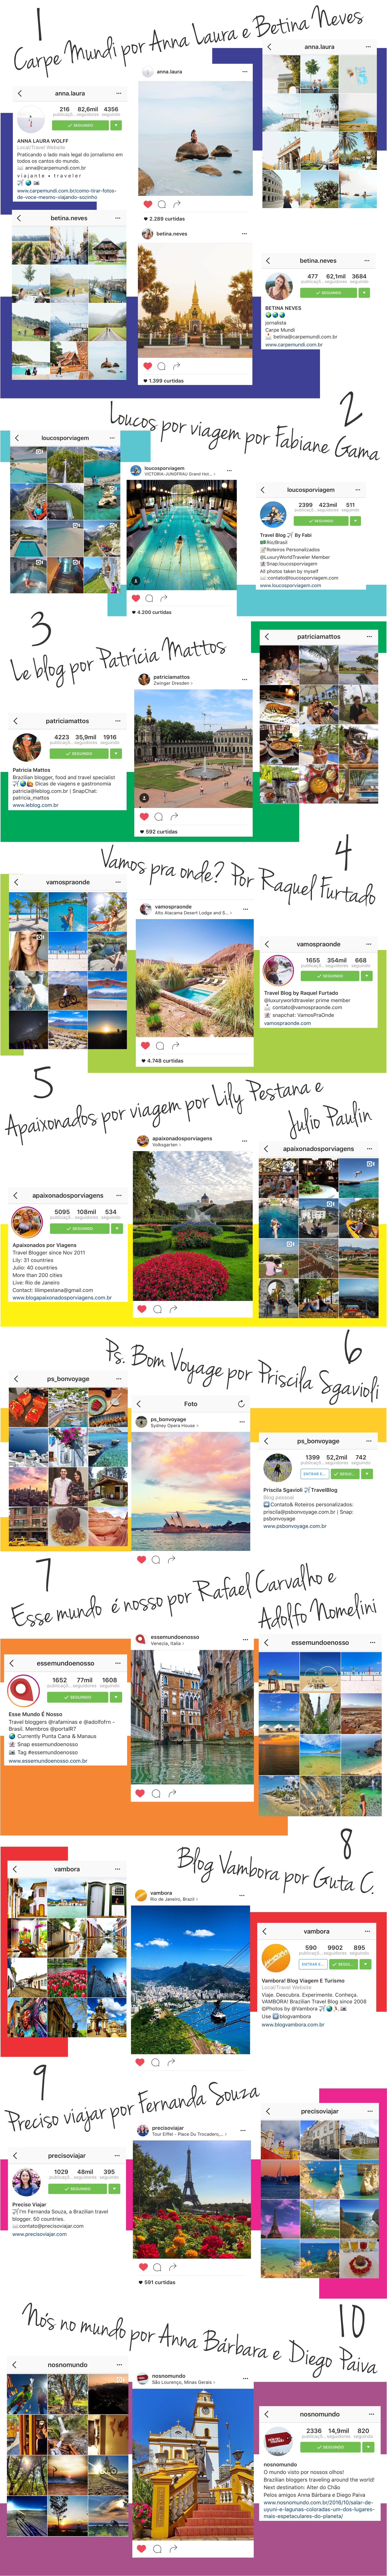 10 indicações de perfis no Instagram para inspirações de viagens